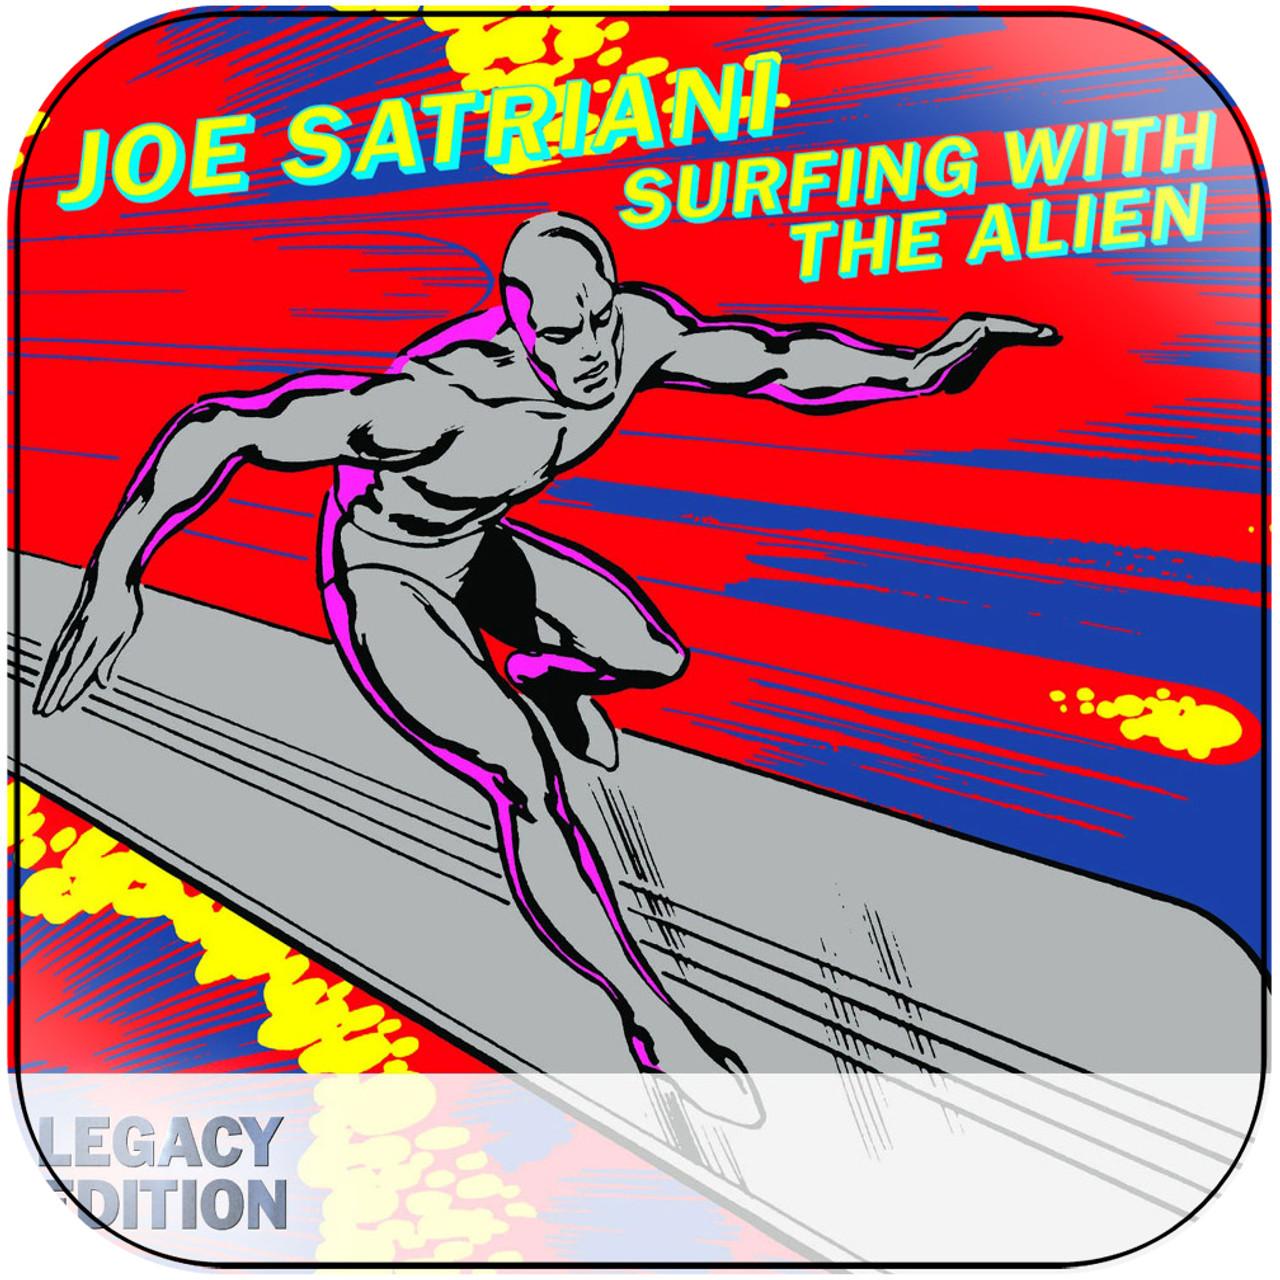 Joe Satriani Surfing With the Alien